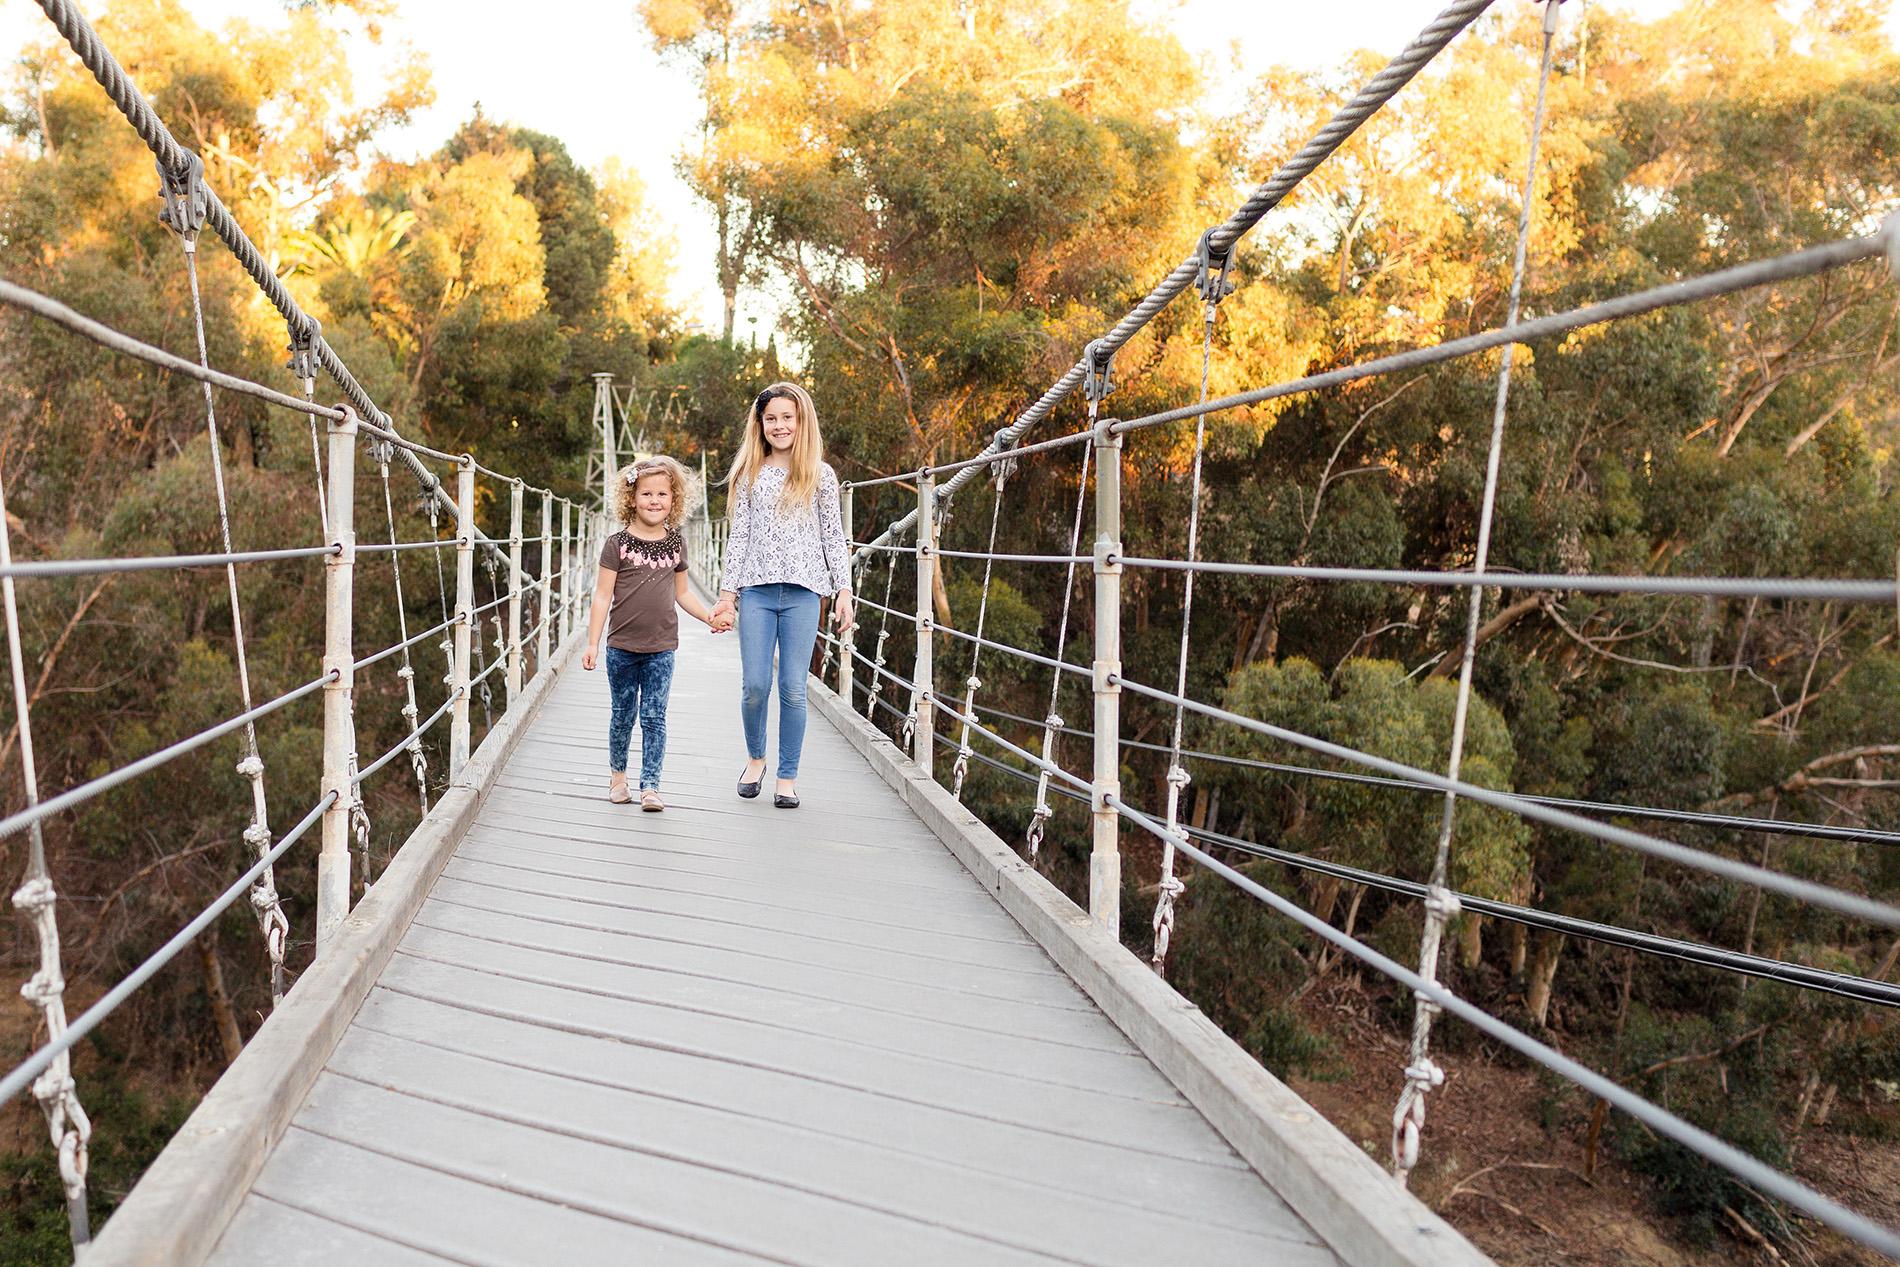 San Diego Family Photographer Christine Dammann Photography Holiday Photos.SFWS43.jpg